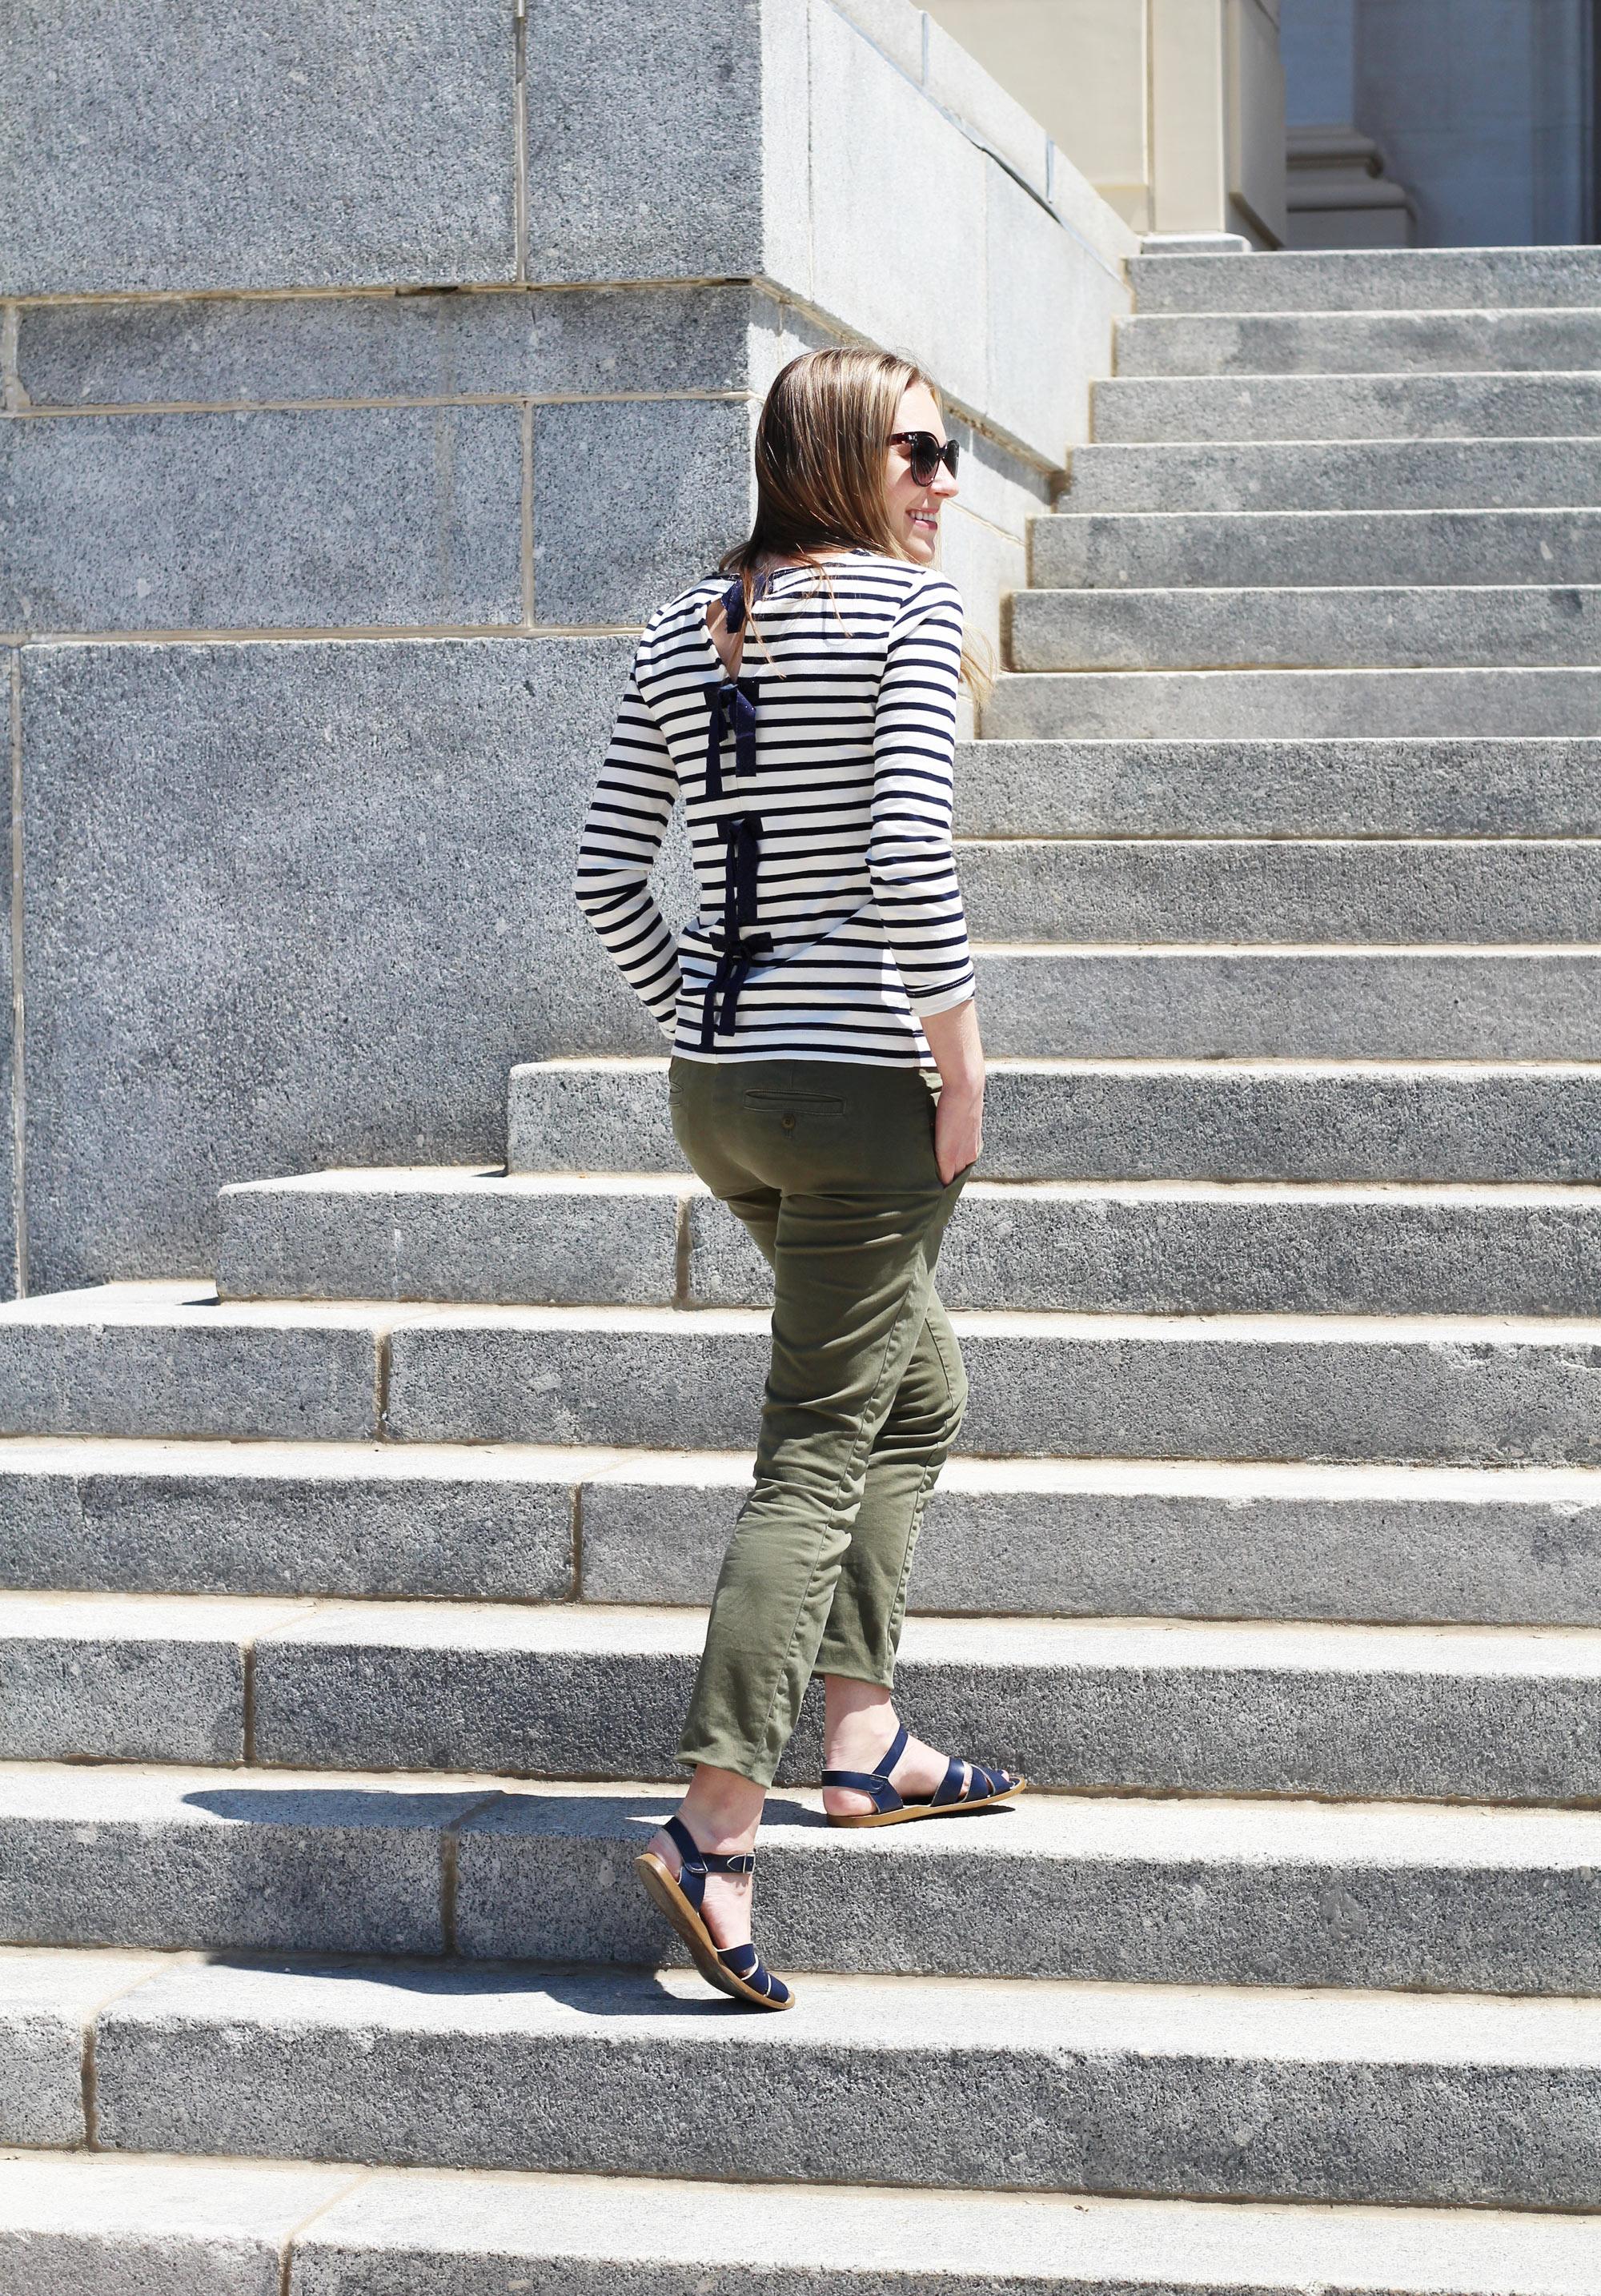 Stripes on steps